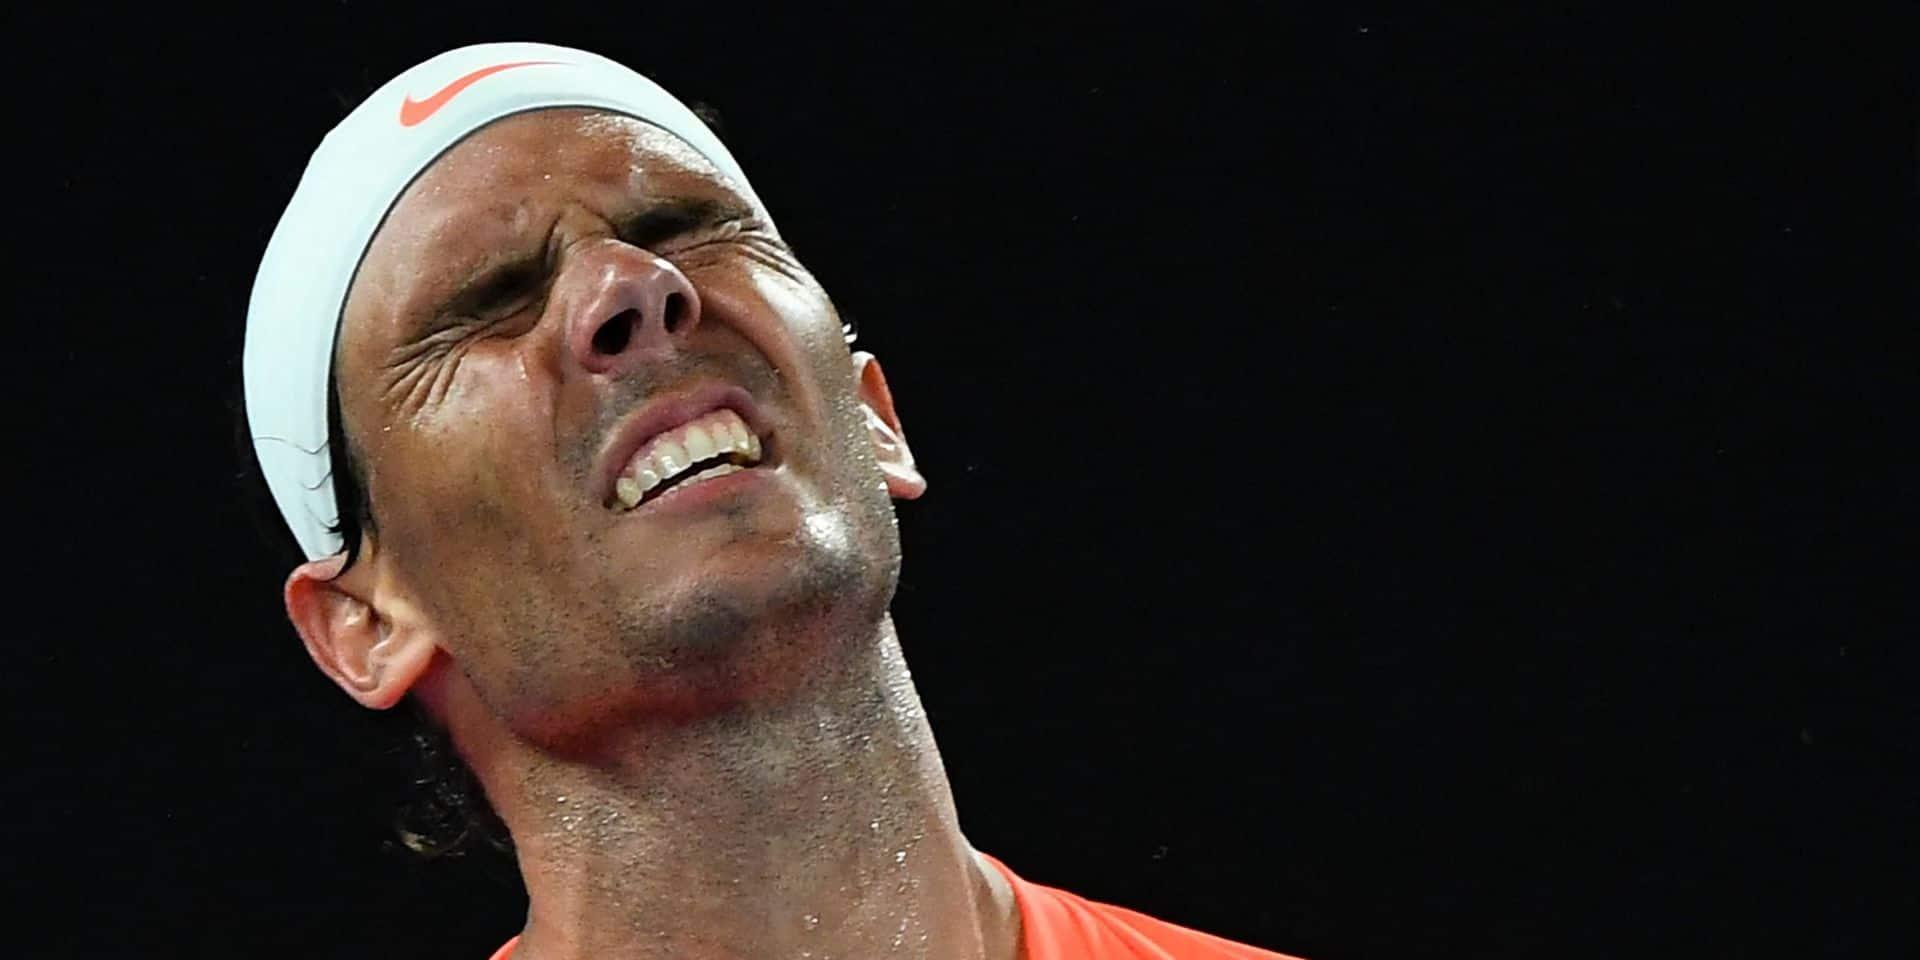 Rafael Nadal, toujours tracassé par son dos, déclare forfait pour le tournoi de Rotterdam